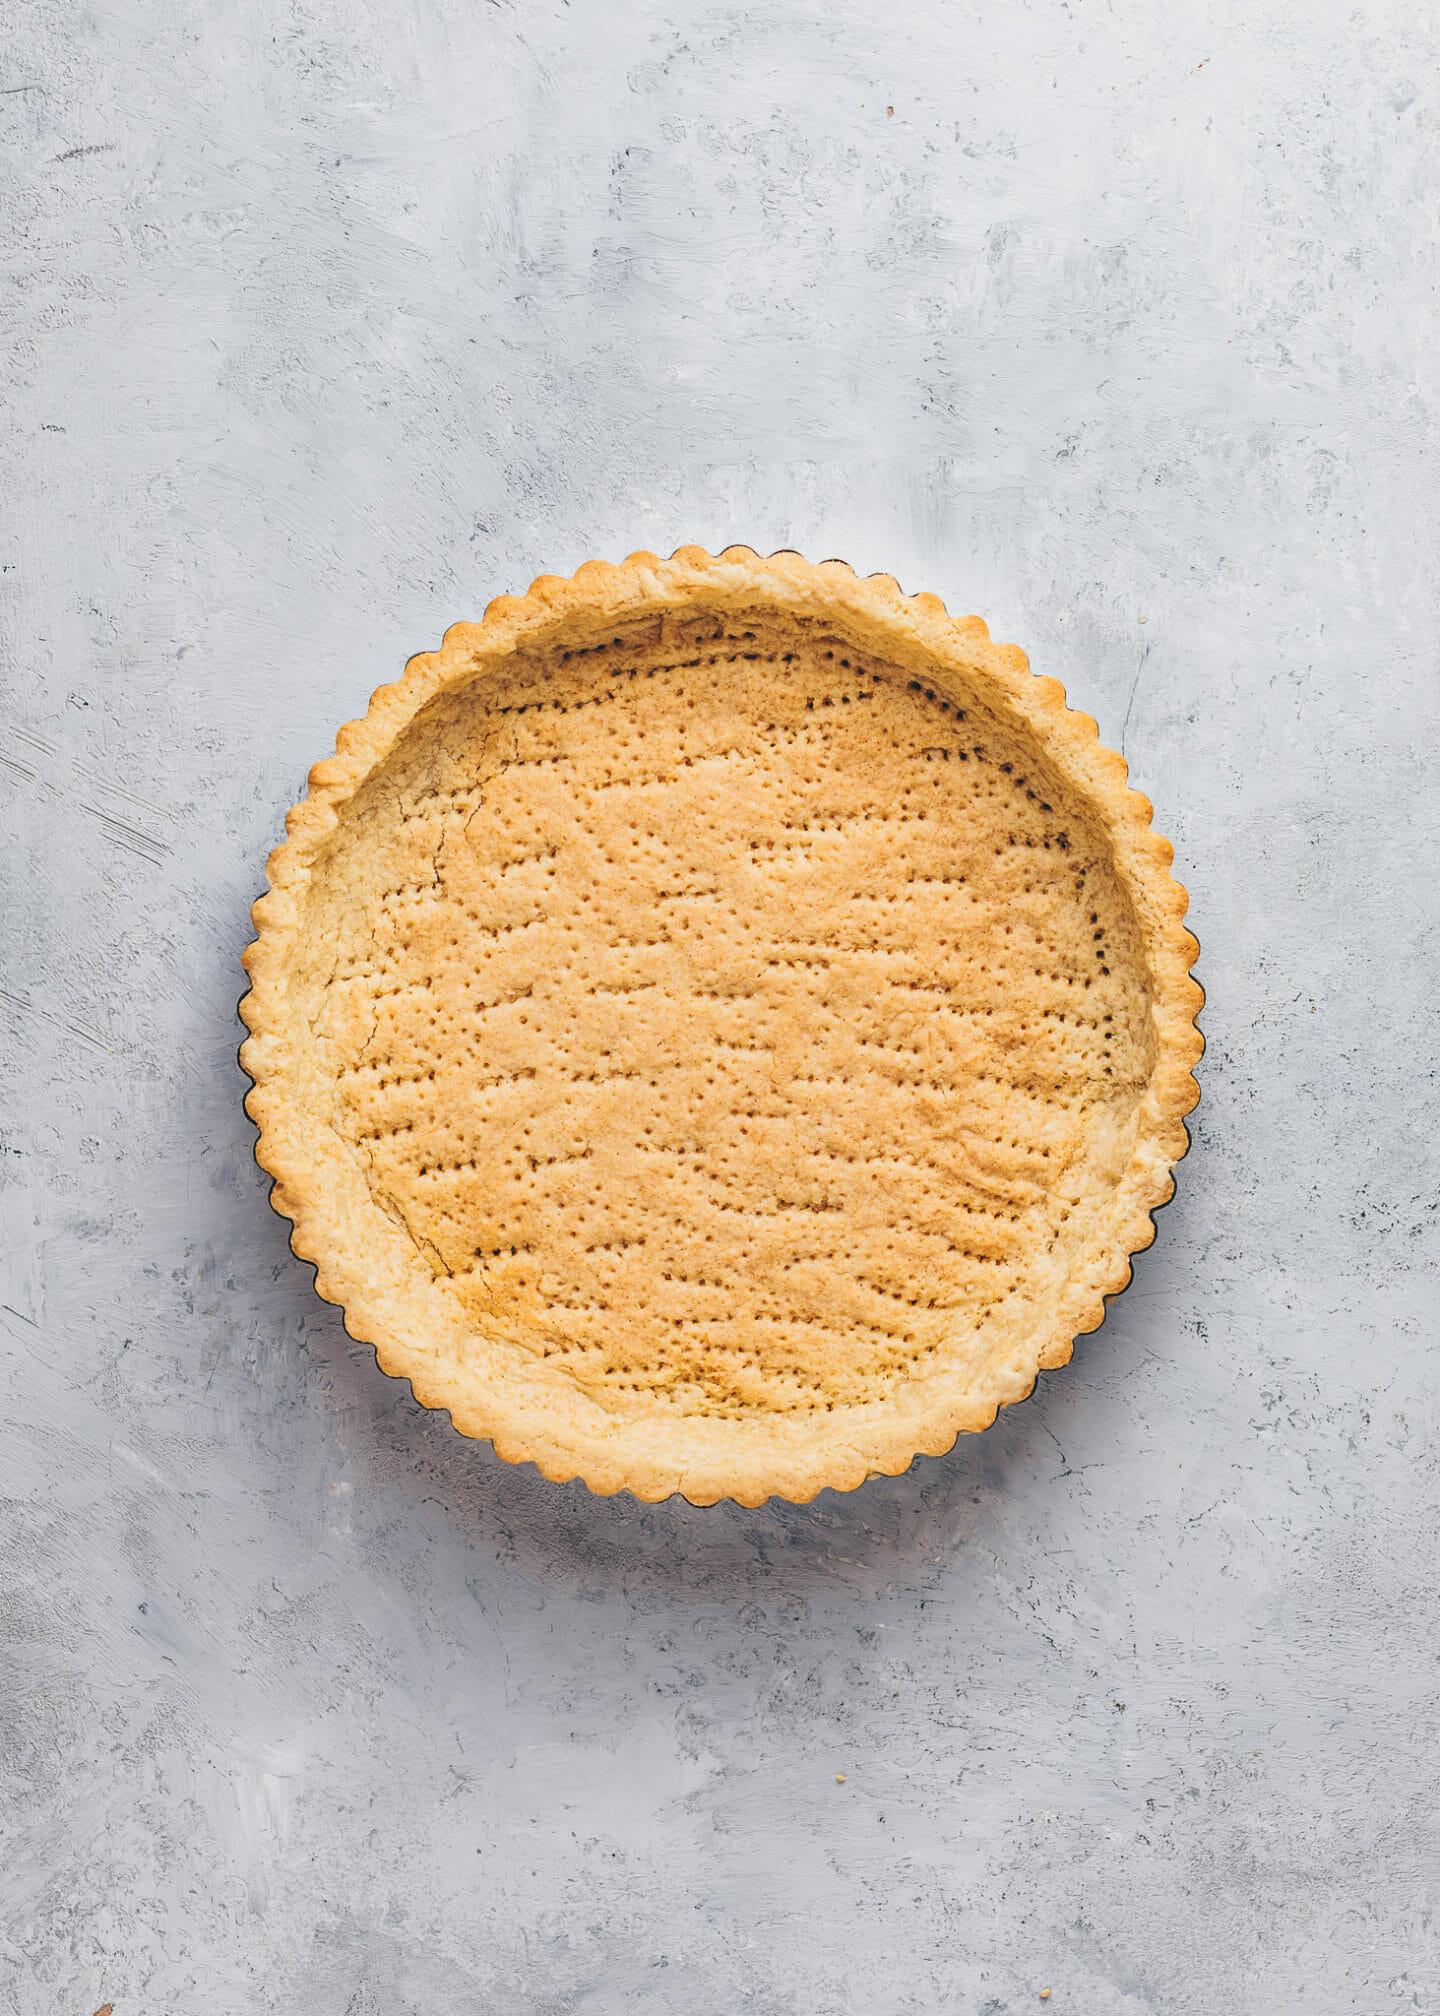 Pre-baked Tart shell